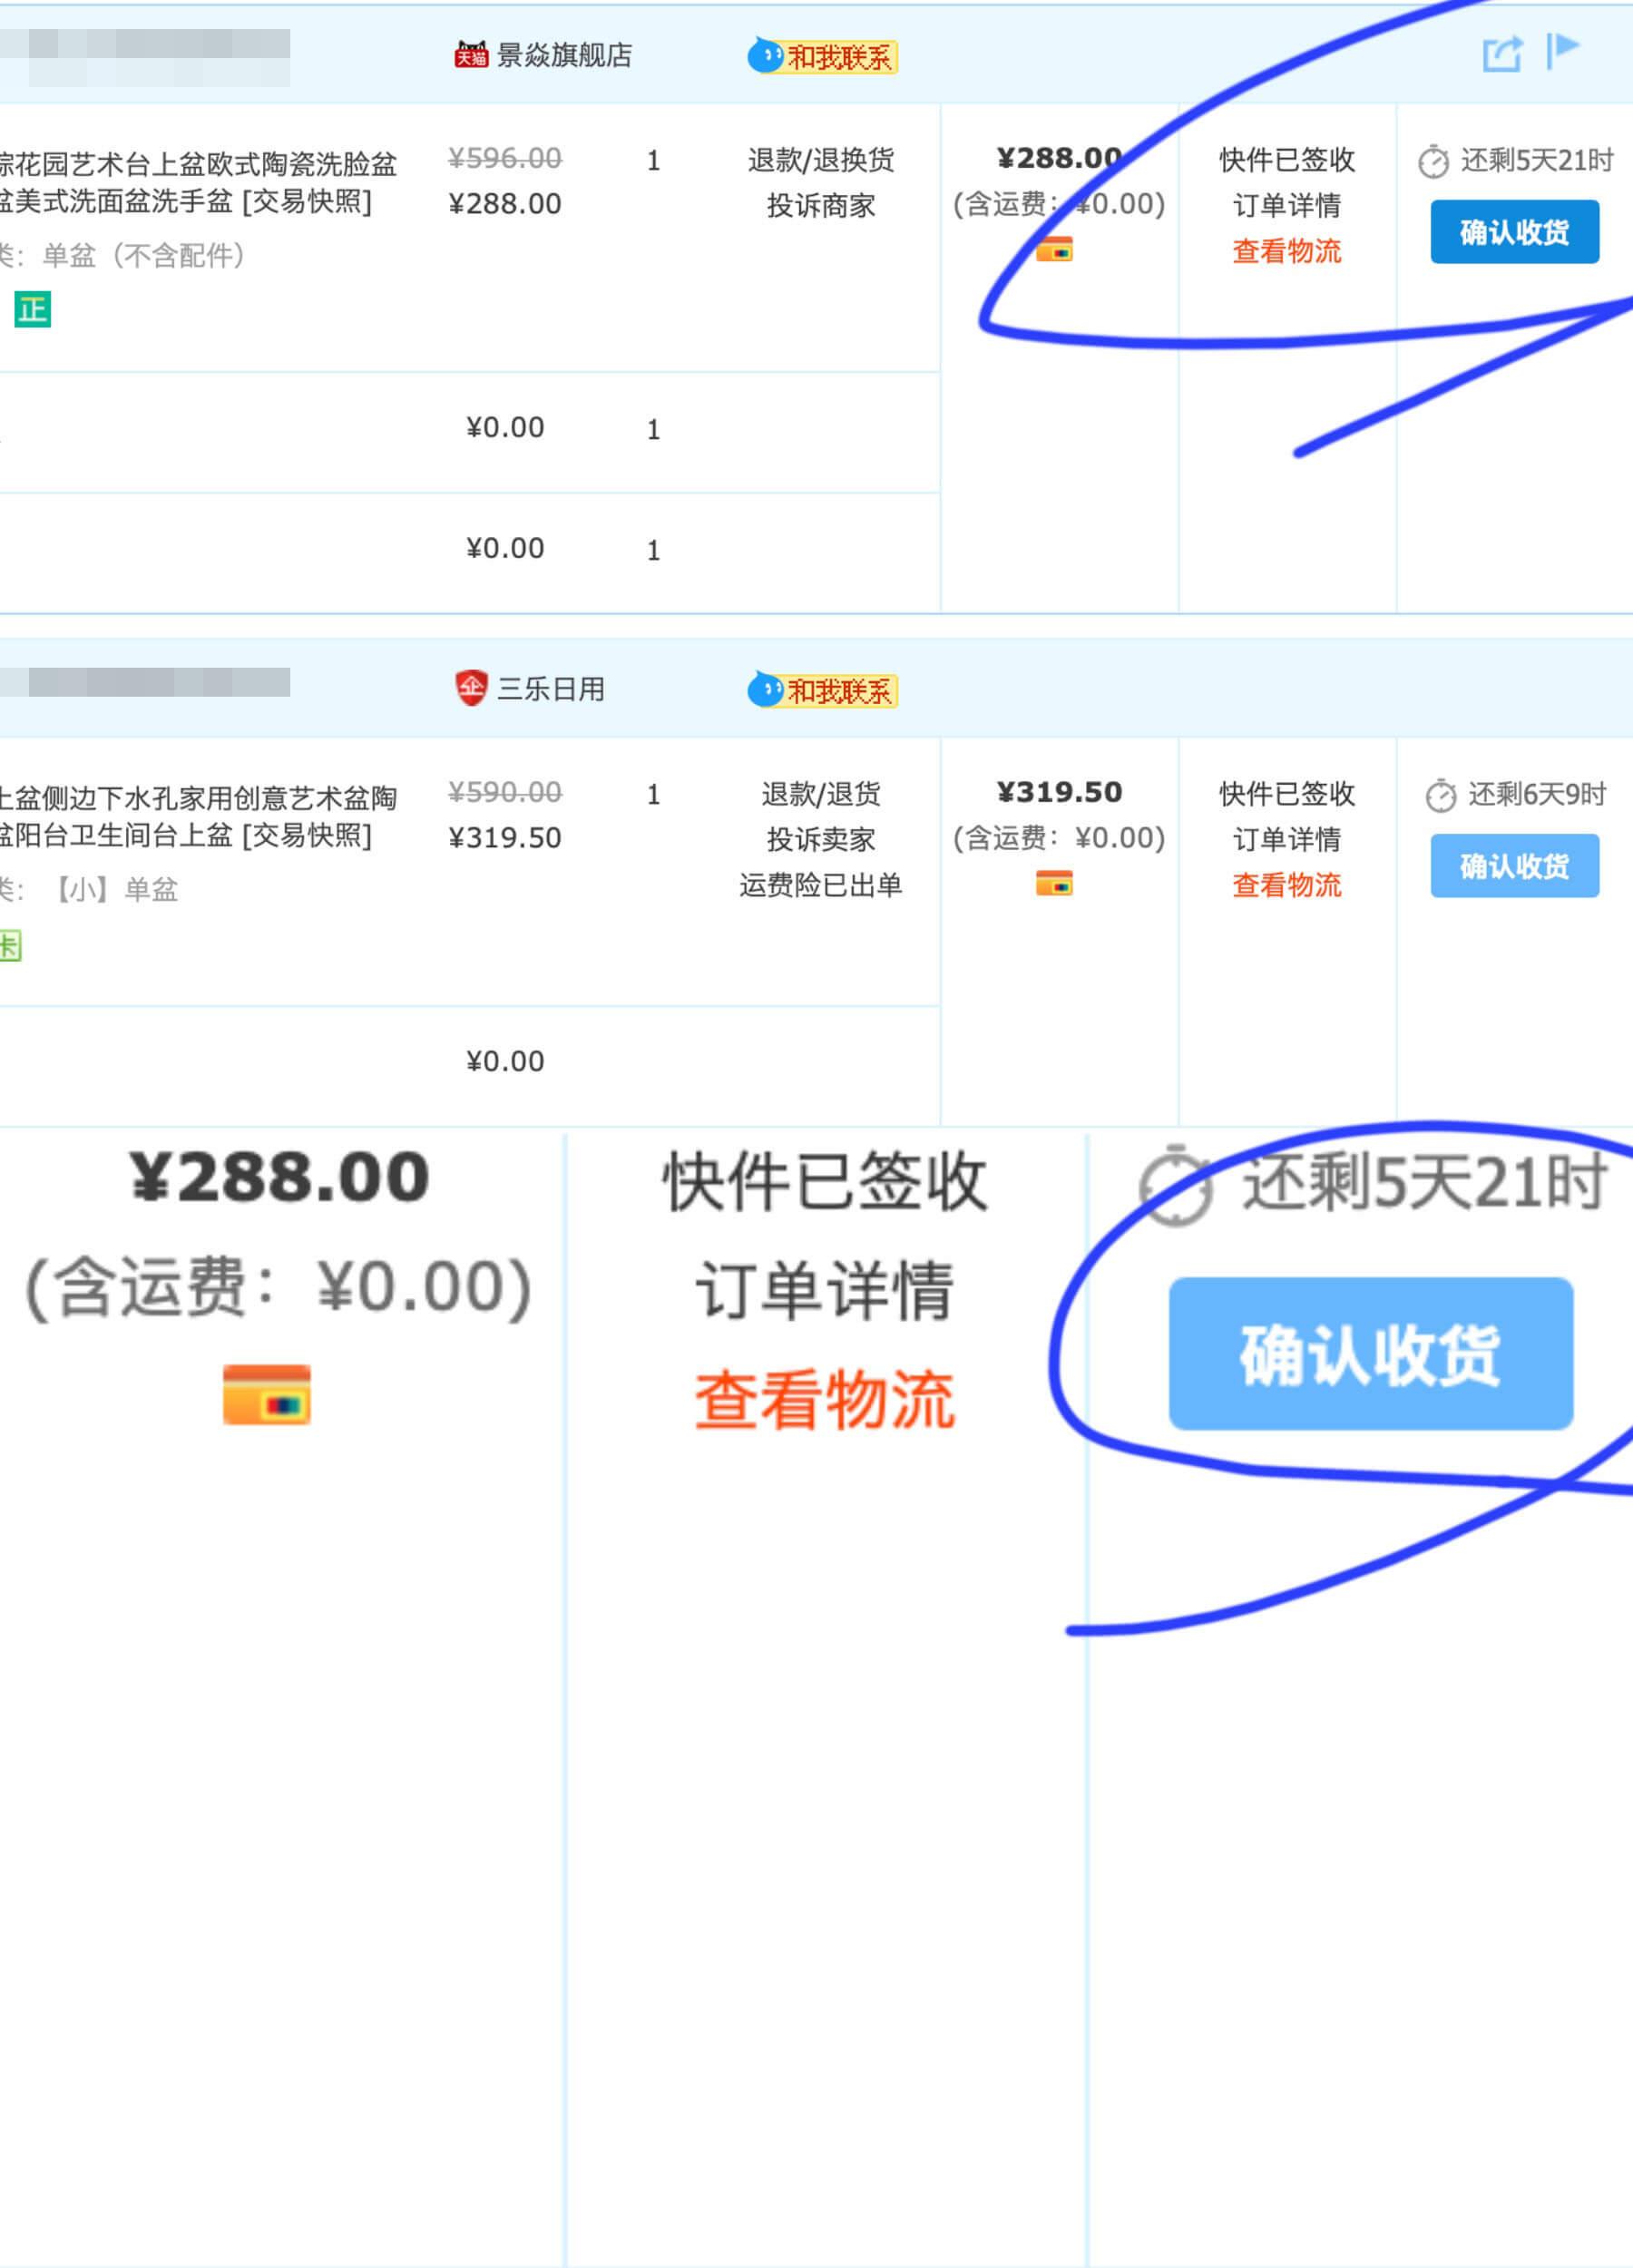 買淘寶/shopbop/asos/小CK/訂機票訂房必看省錢攻略!ShopBack讓你賺滿滿現金回饋。買越多省越多 | 波痞到底是在幹 ...